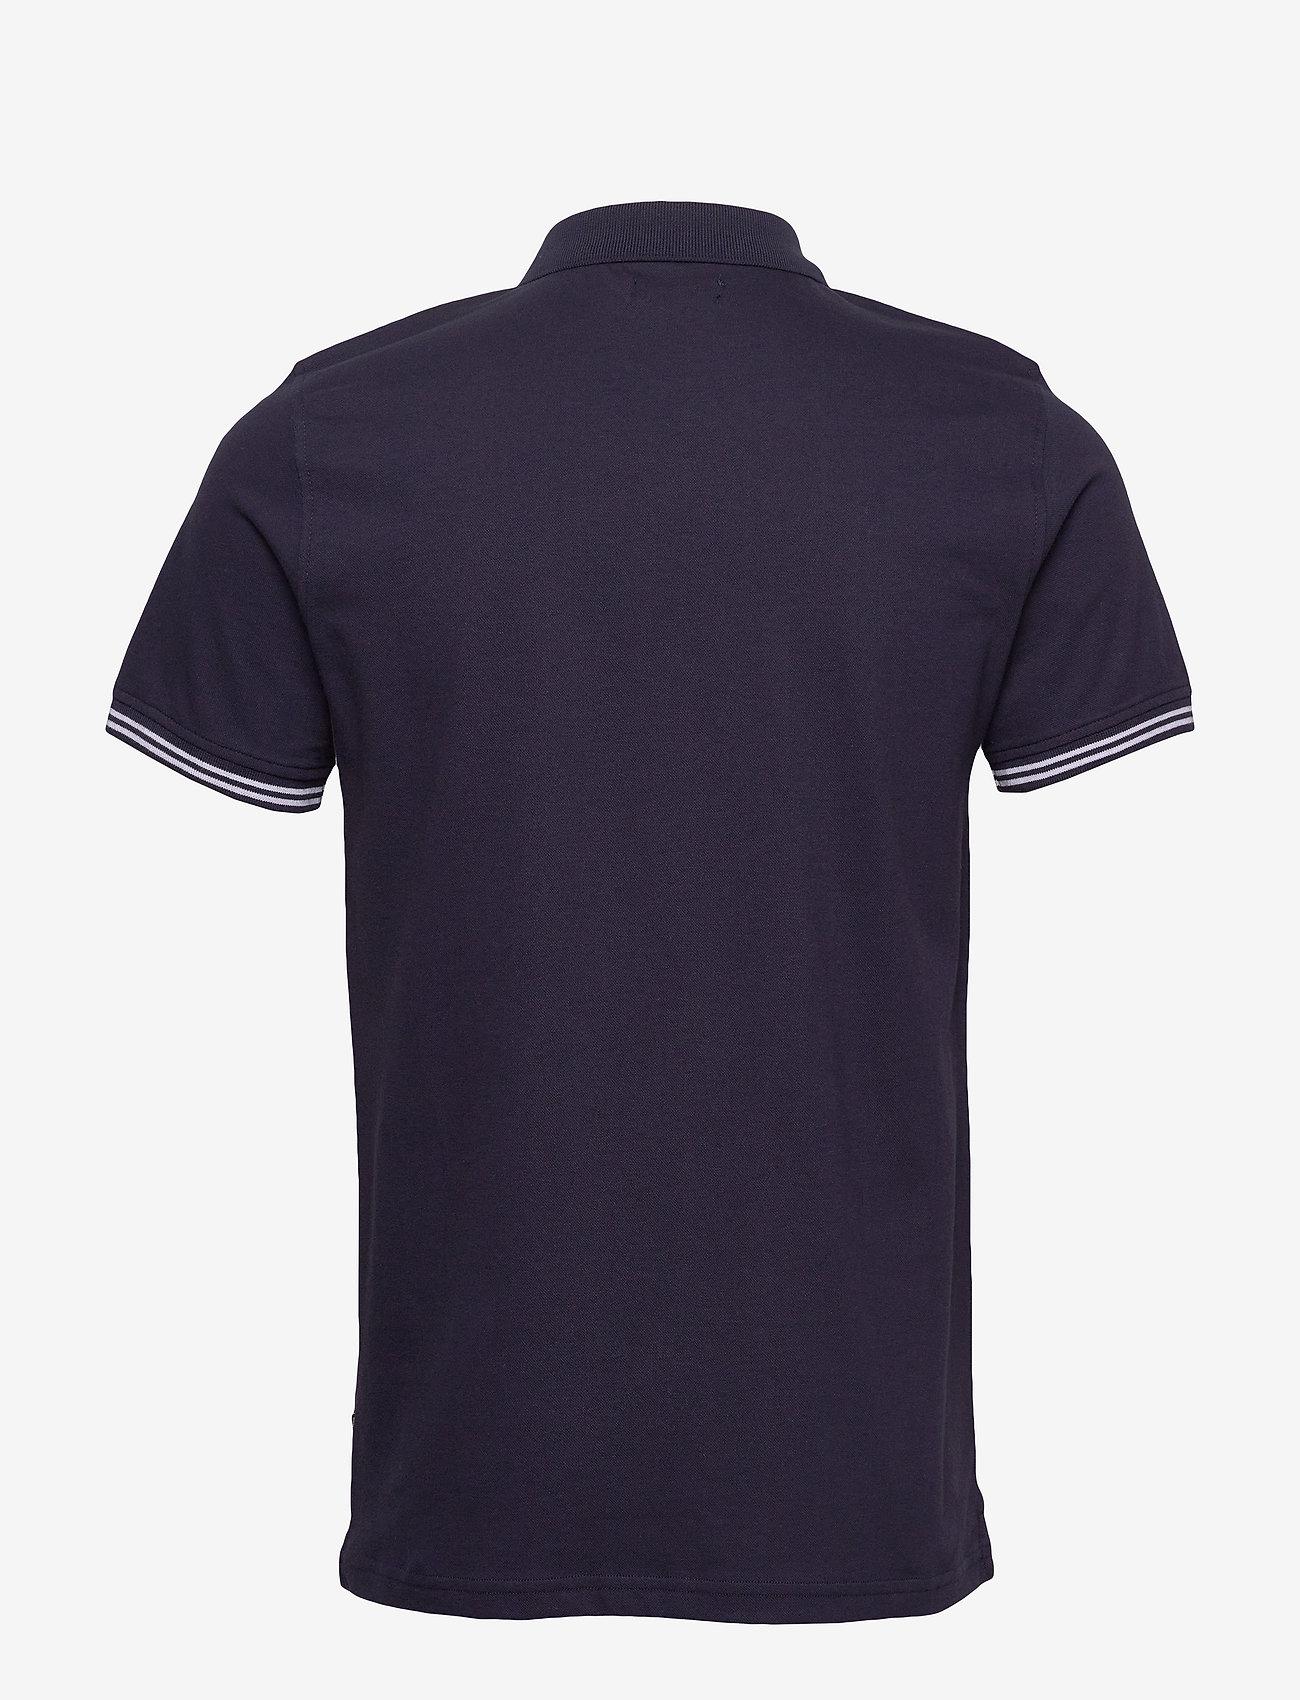 Matinique MApoleo DS - Poloskjorter DARK NAVY - Menn Klær